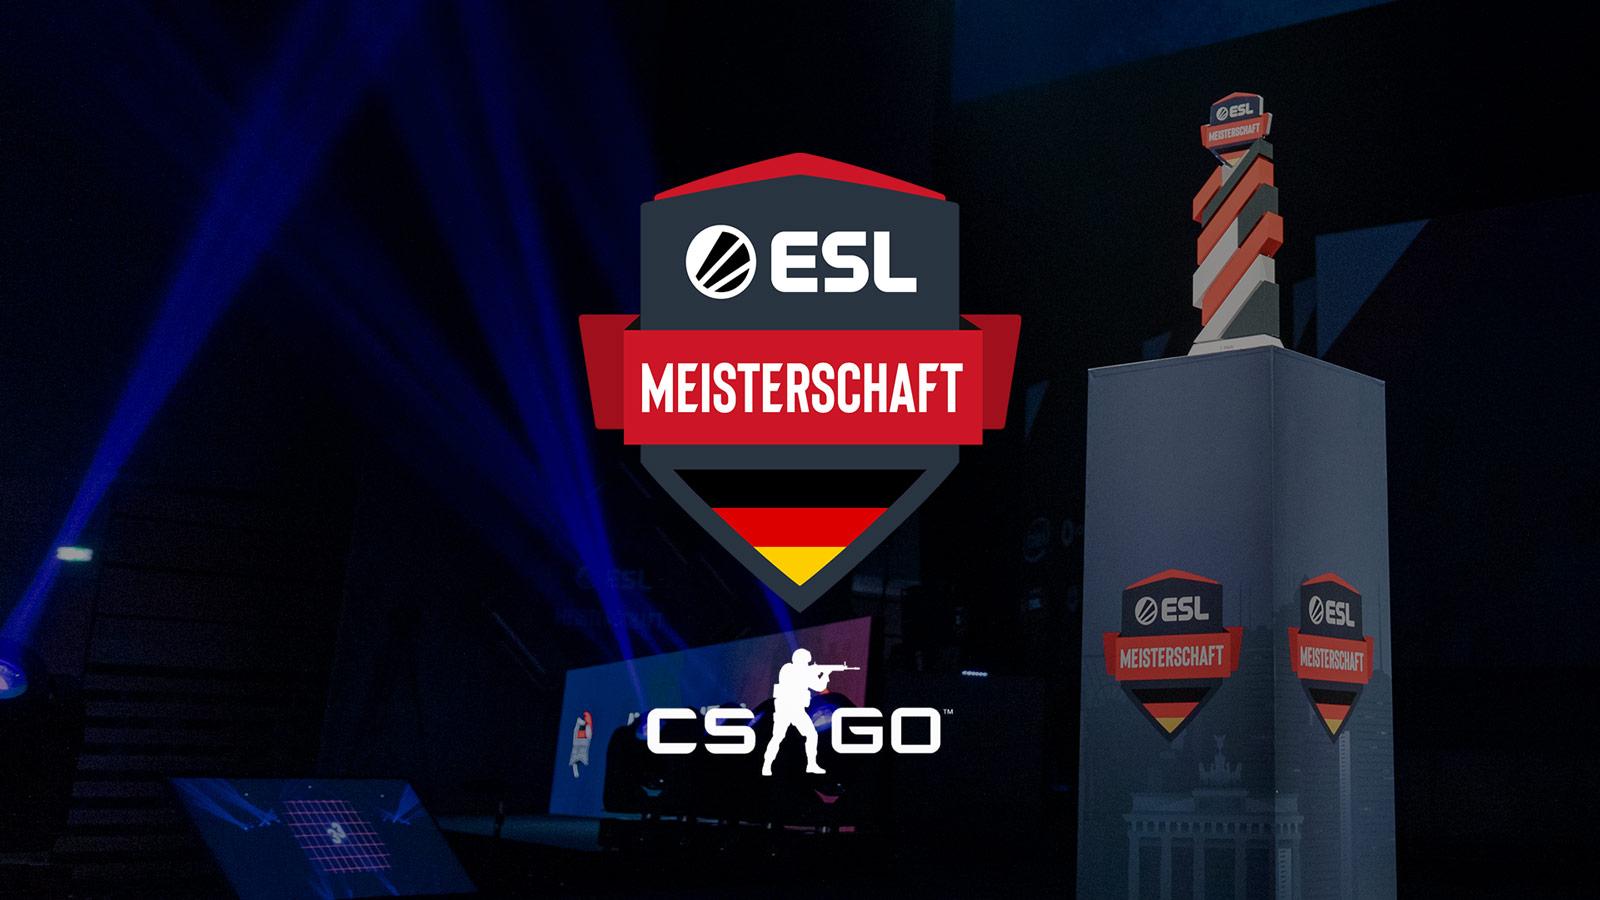 ESL Sommermeisterschaft 2019 – CSGO